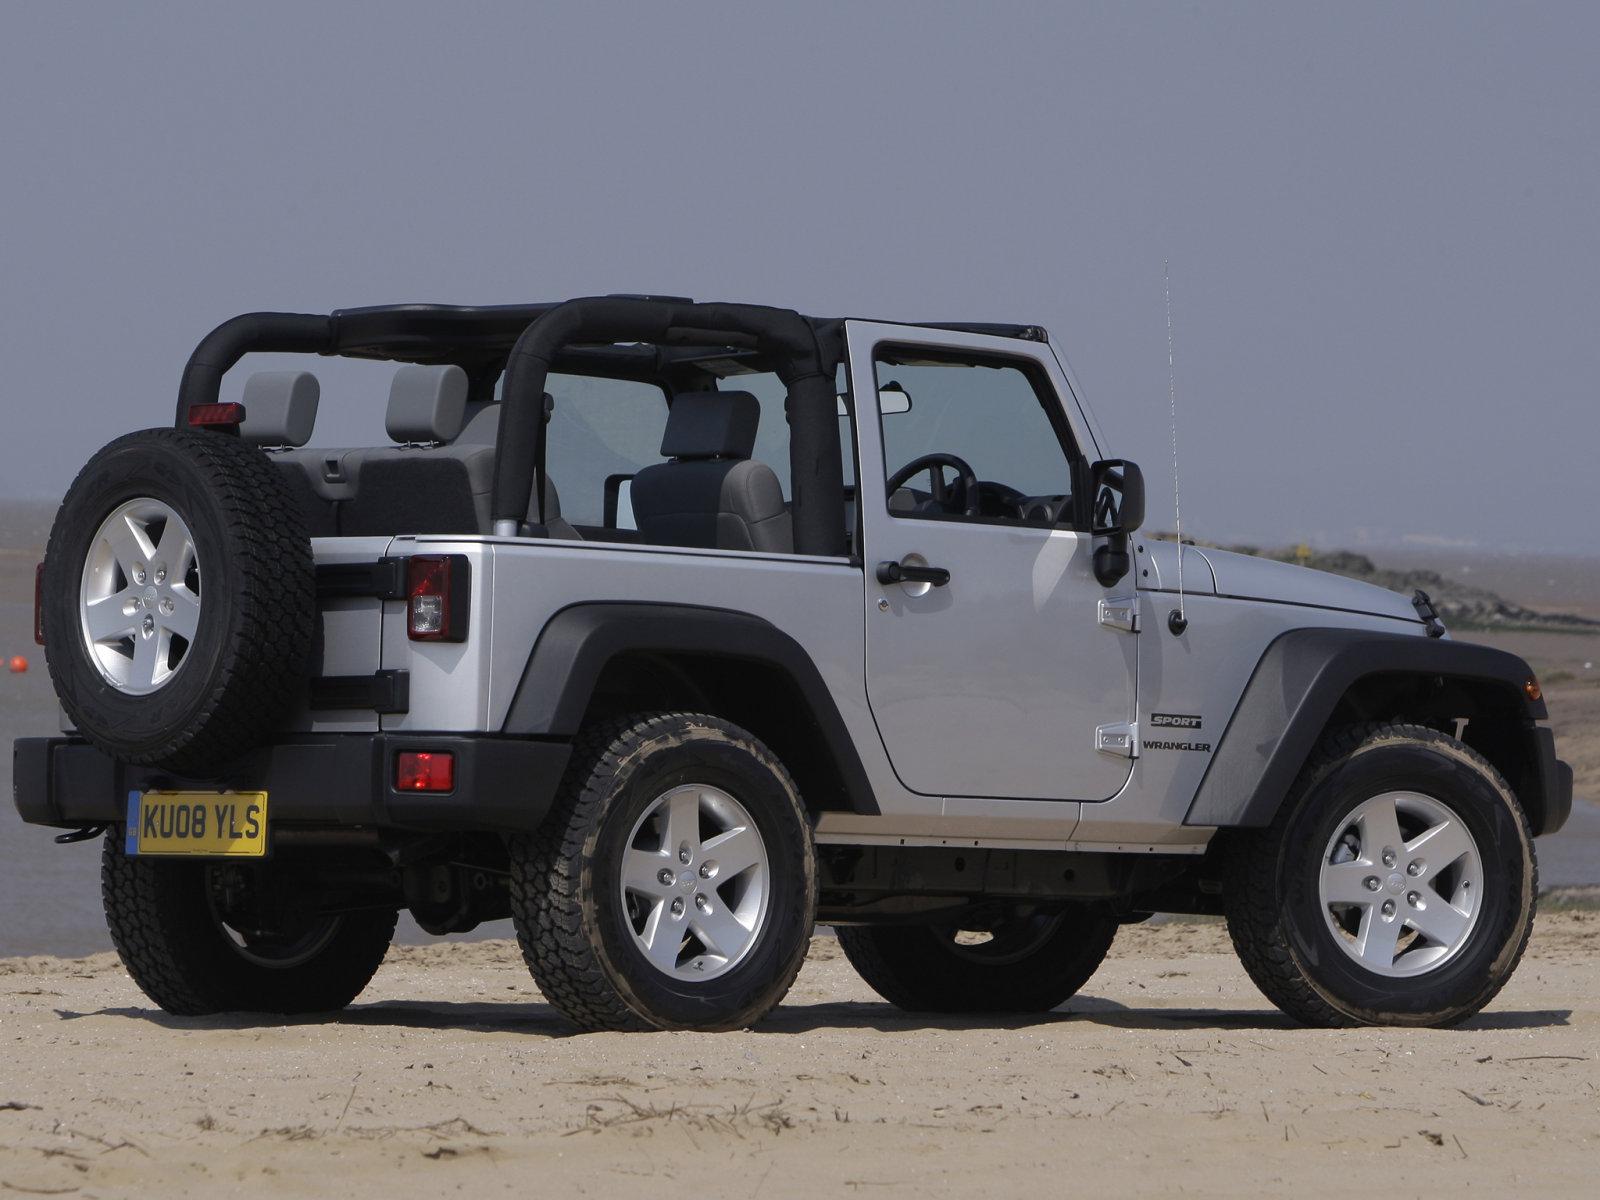 Jeep Джип Wrangler 2010 г технические характеристики